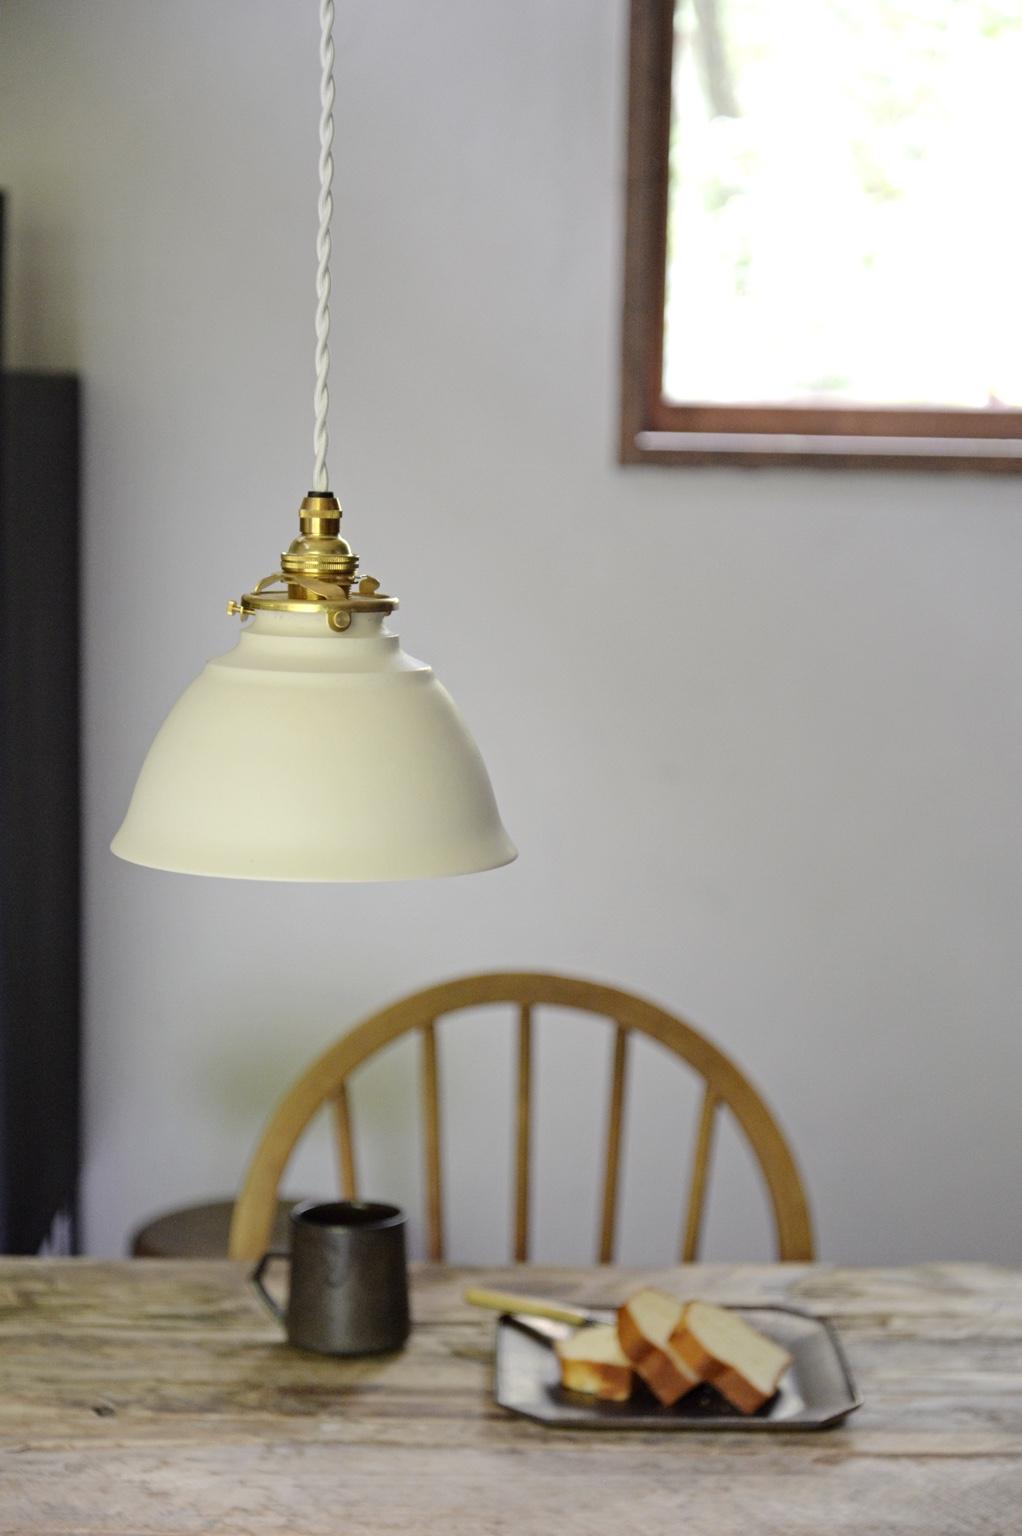 måne lamp ベル ワイド・ホワイト